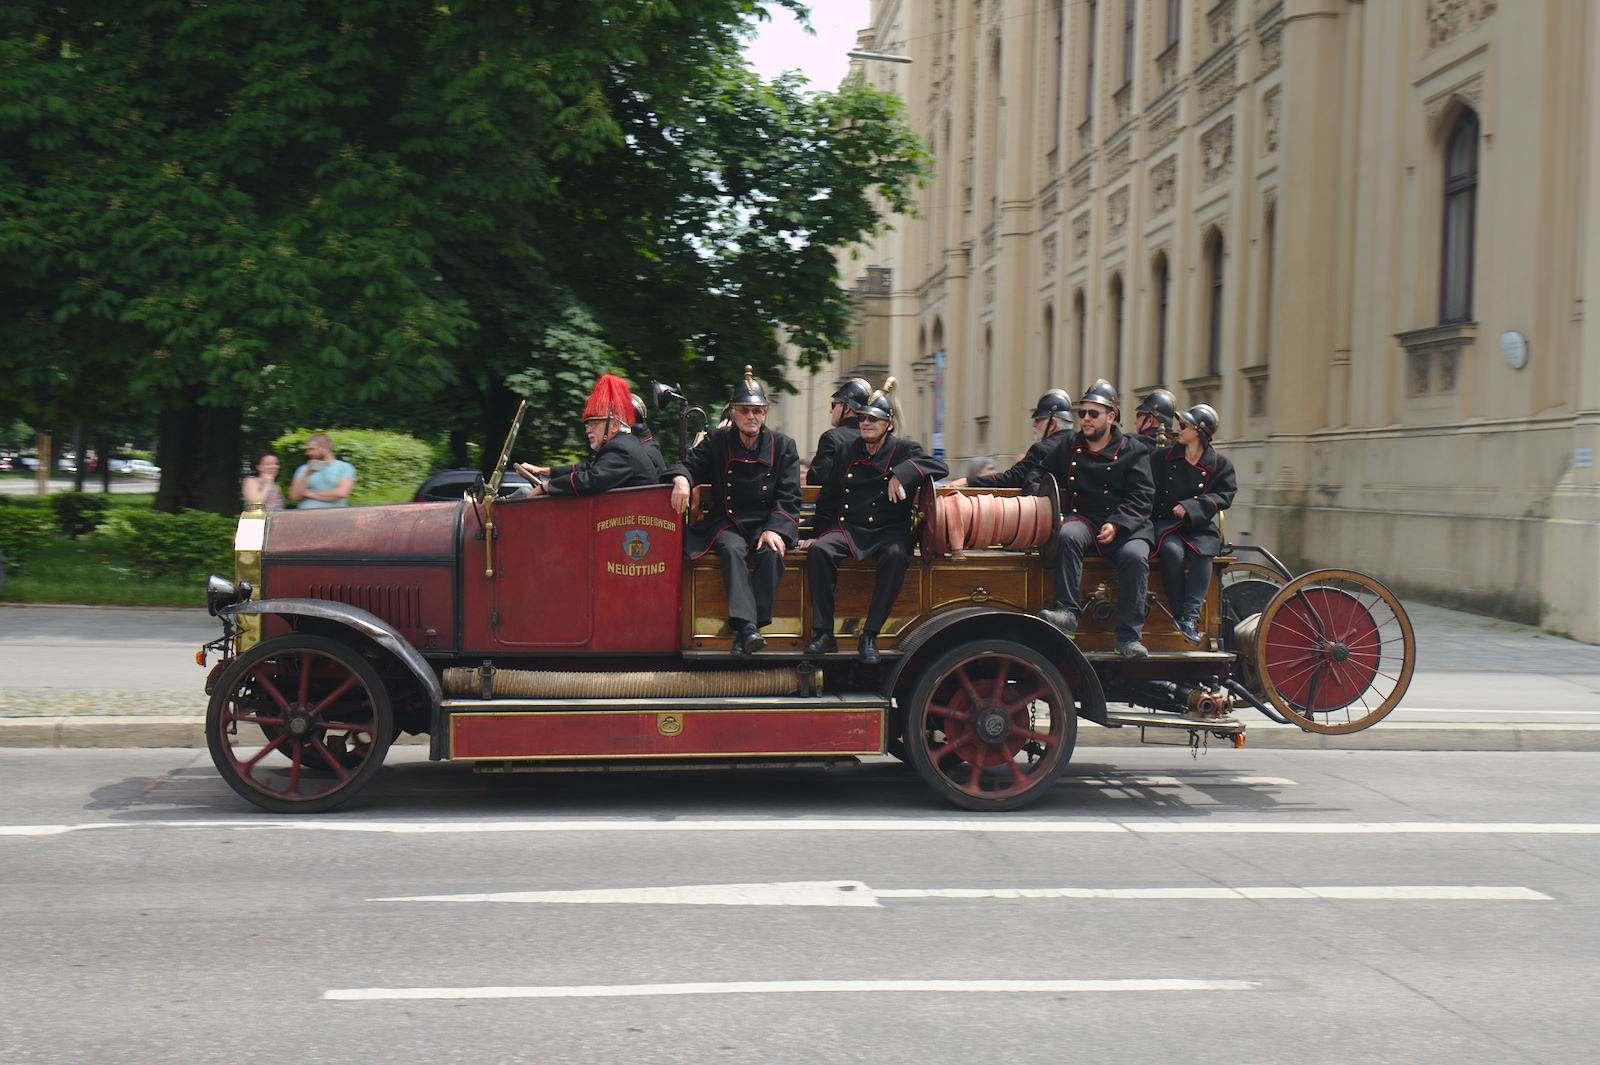 volunteer fire department3 150 Years Volunteer Fire Department in Munich